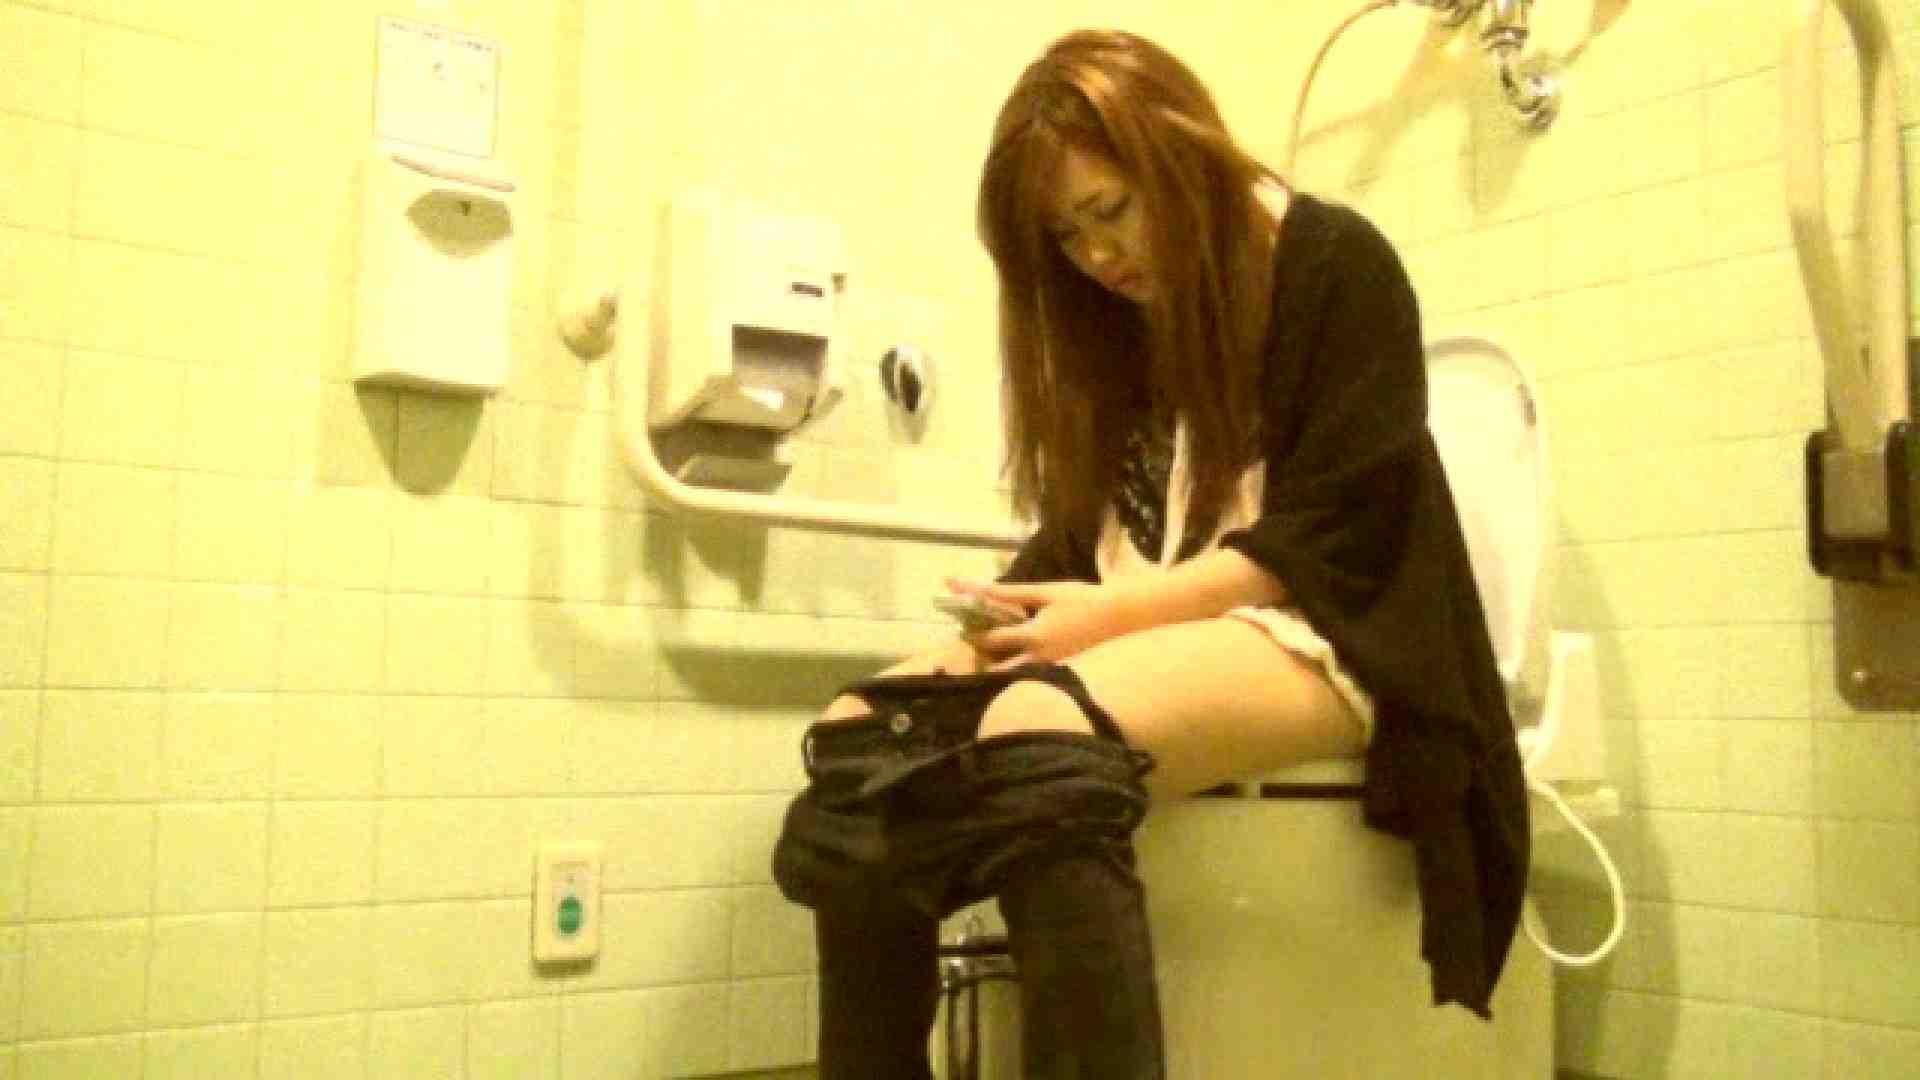 魔術師の お・も・て・な・し vol.26 19歳のバーの店員さんの洗面所をしばし… 洗面所 隠し撮りおまんこ動画流出 90pic 29